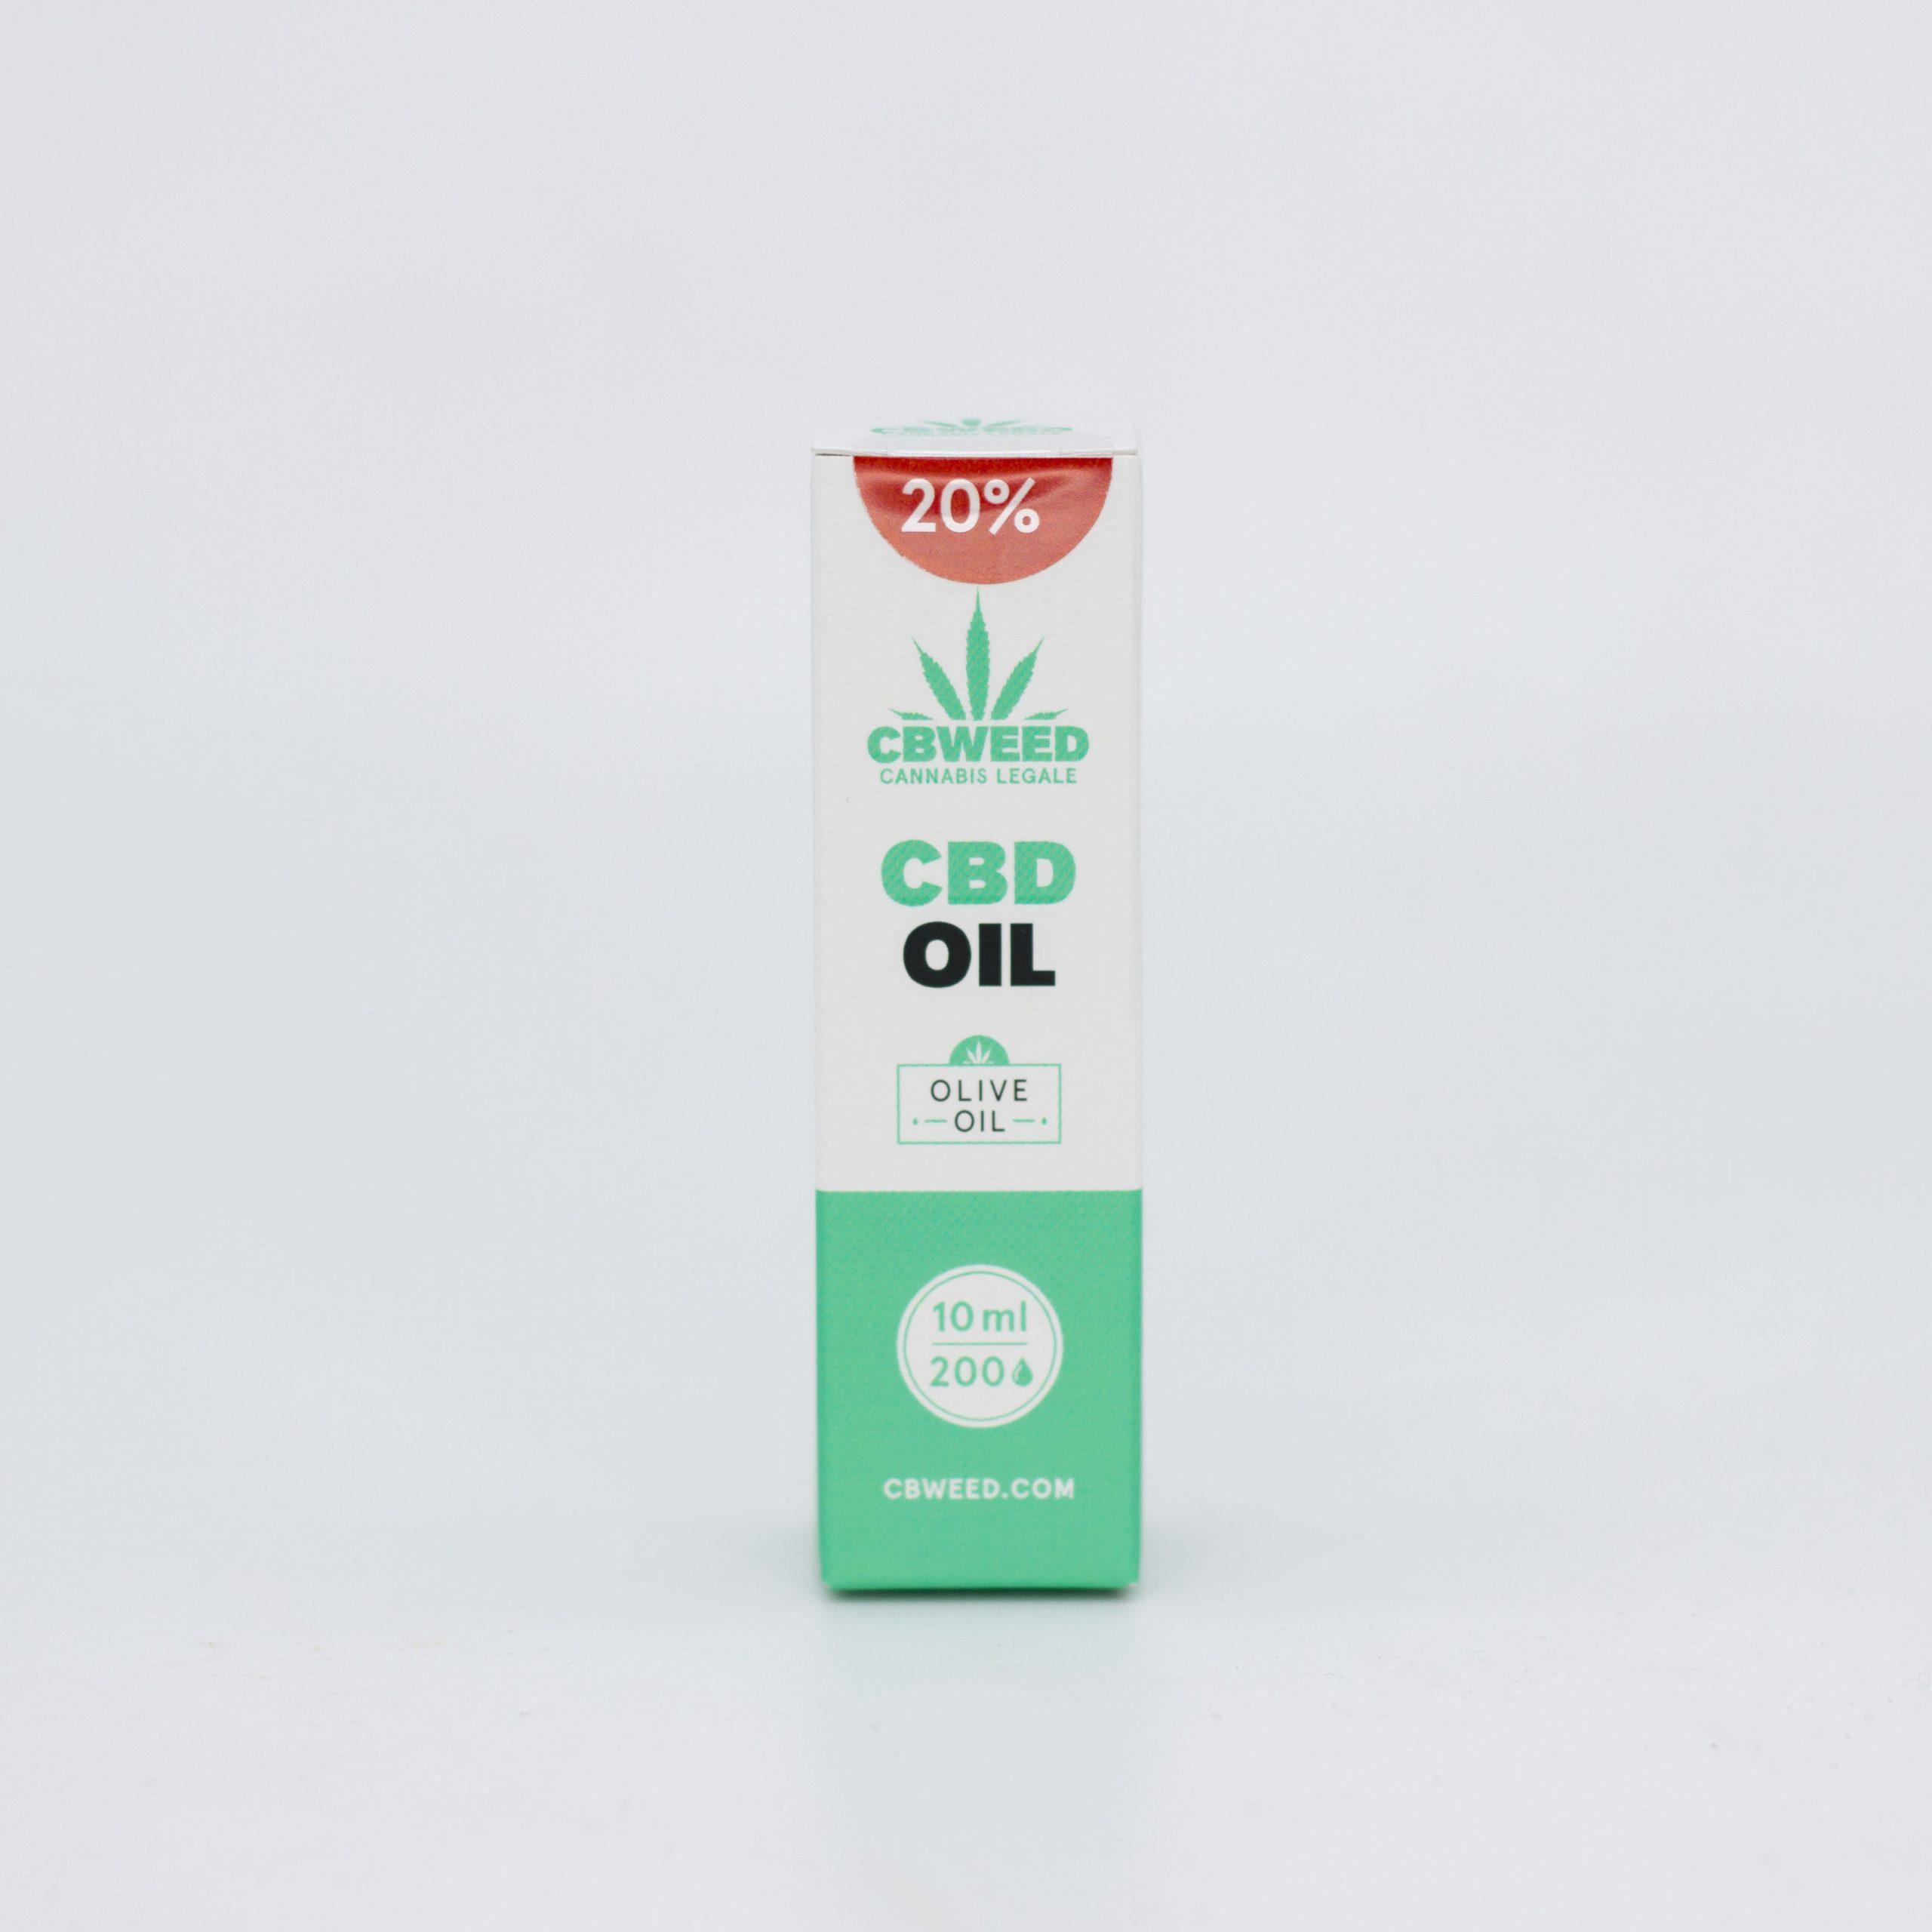 20� olio Oliva scaled - Olio CBD con Olio d'Oliva - 20% CBD - 10ml